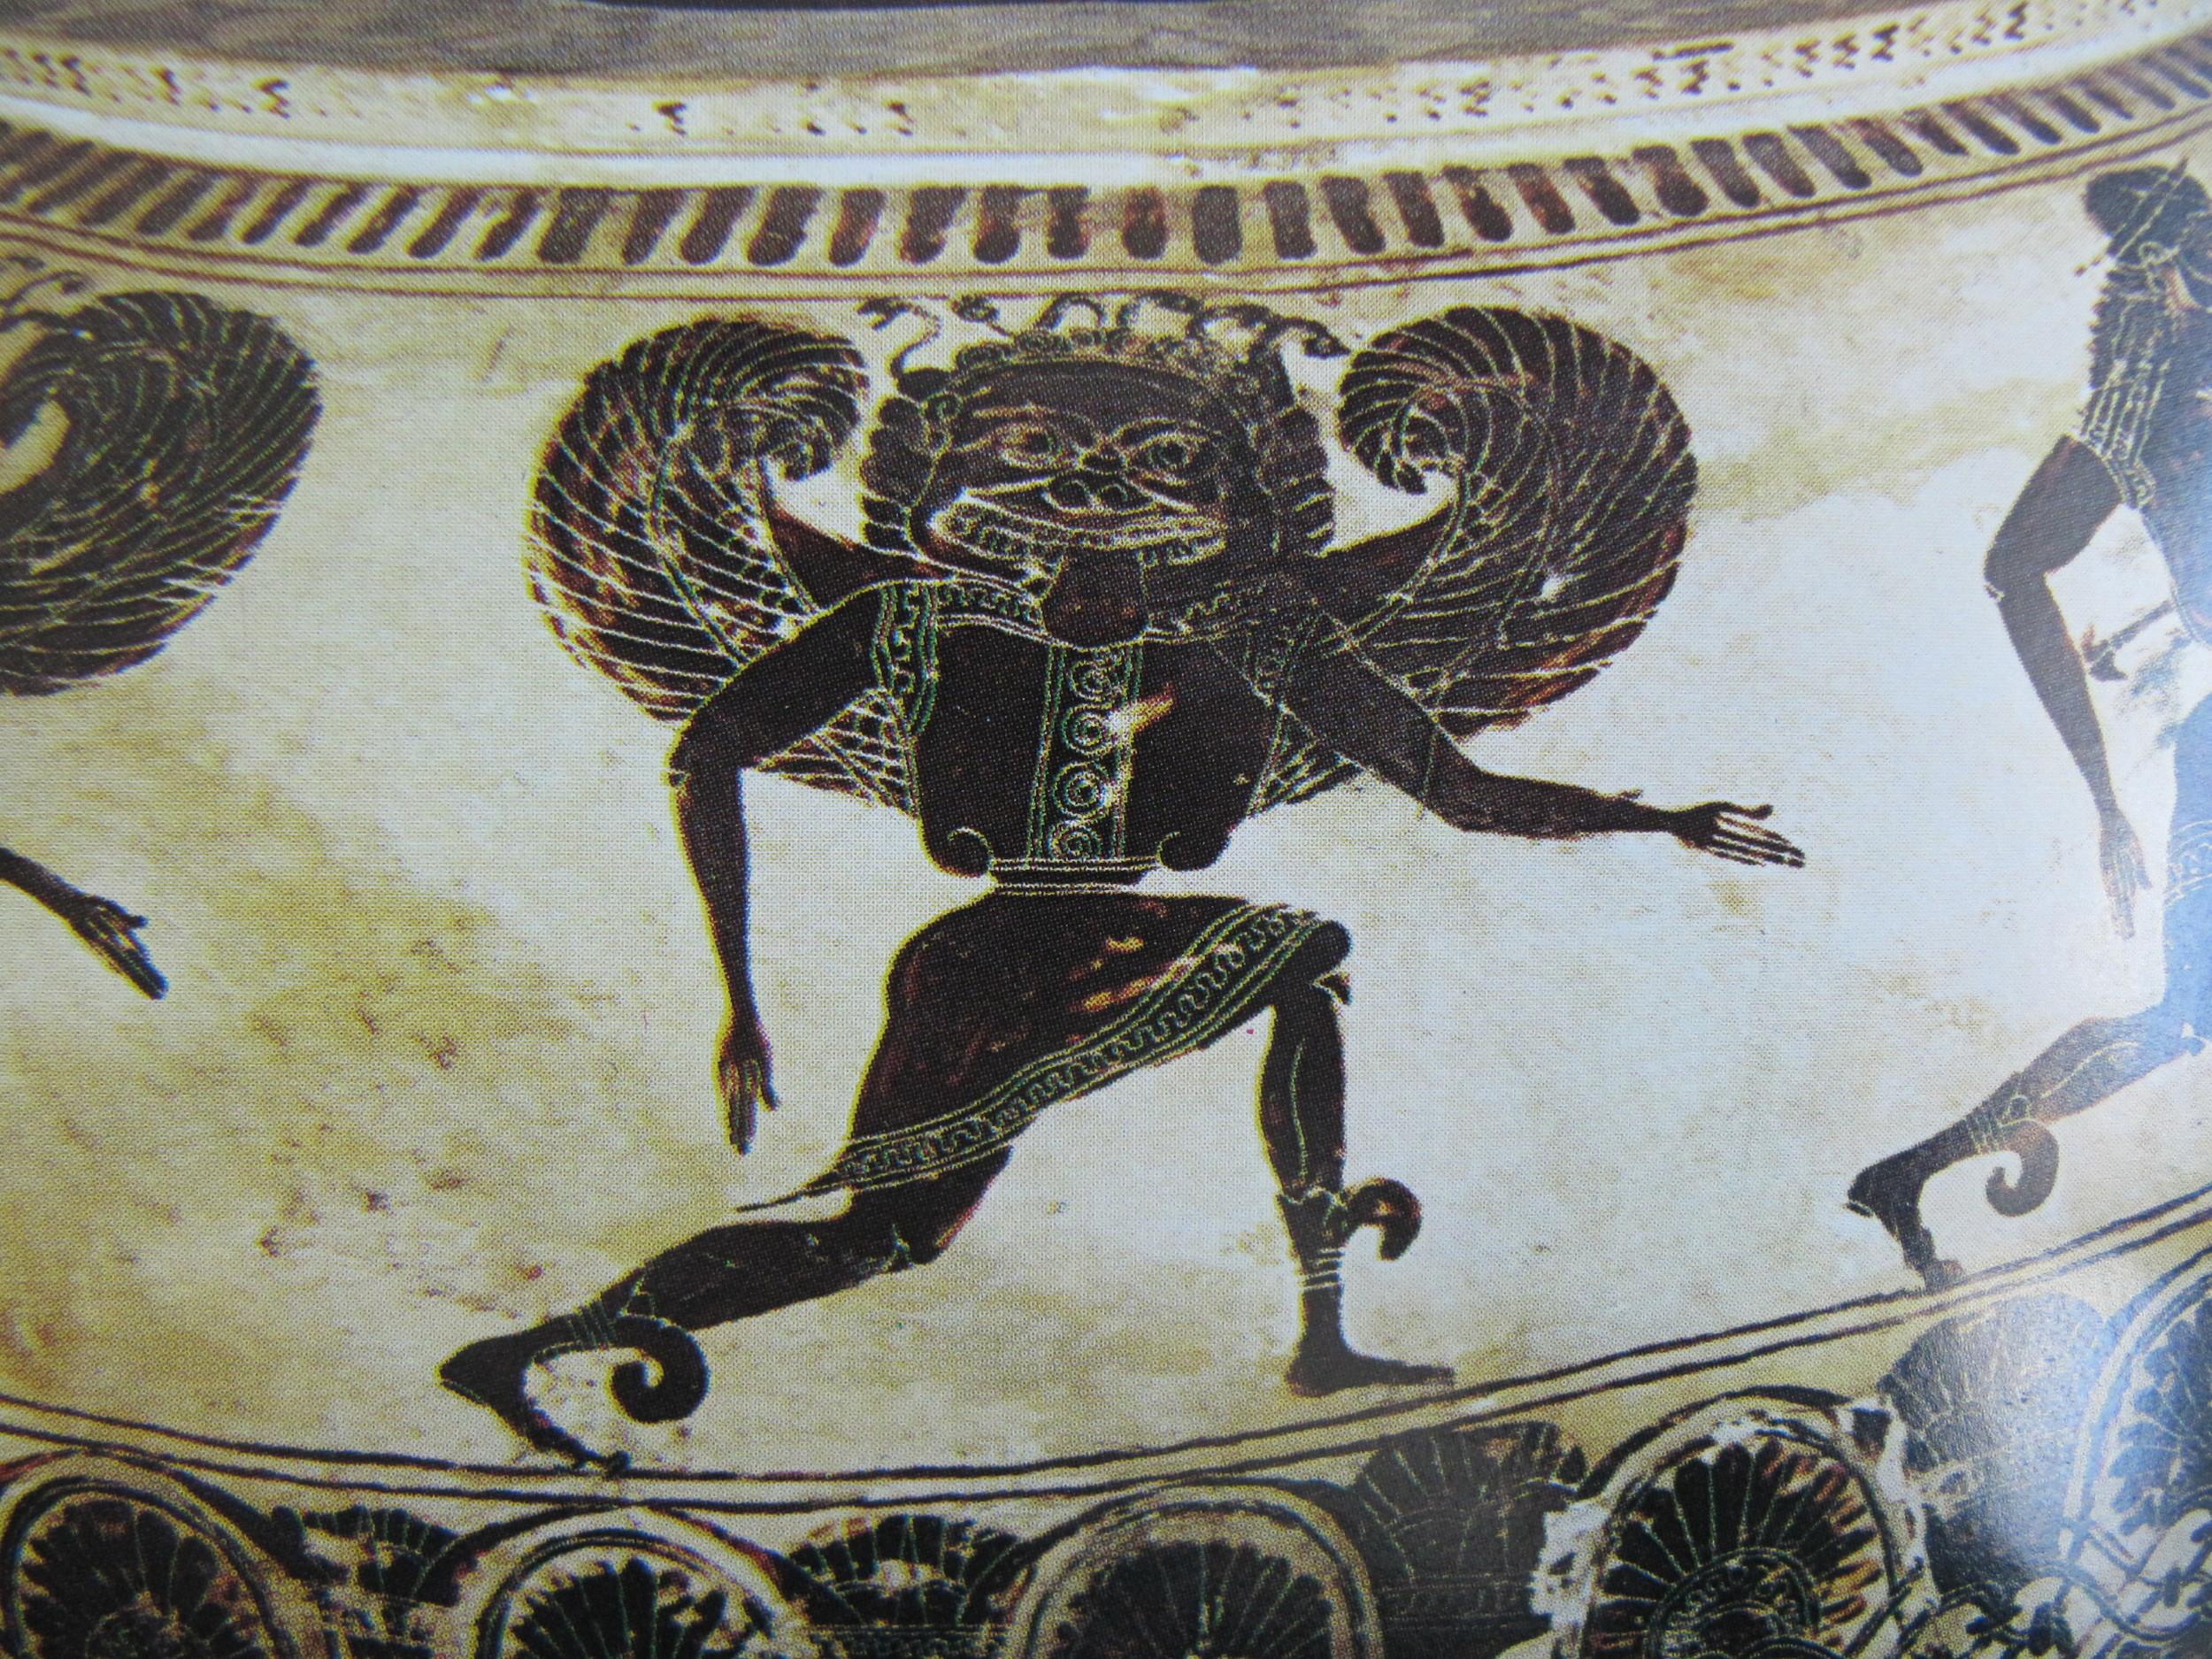 Black figure painting of Medusa